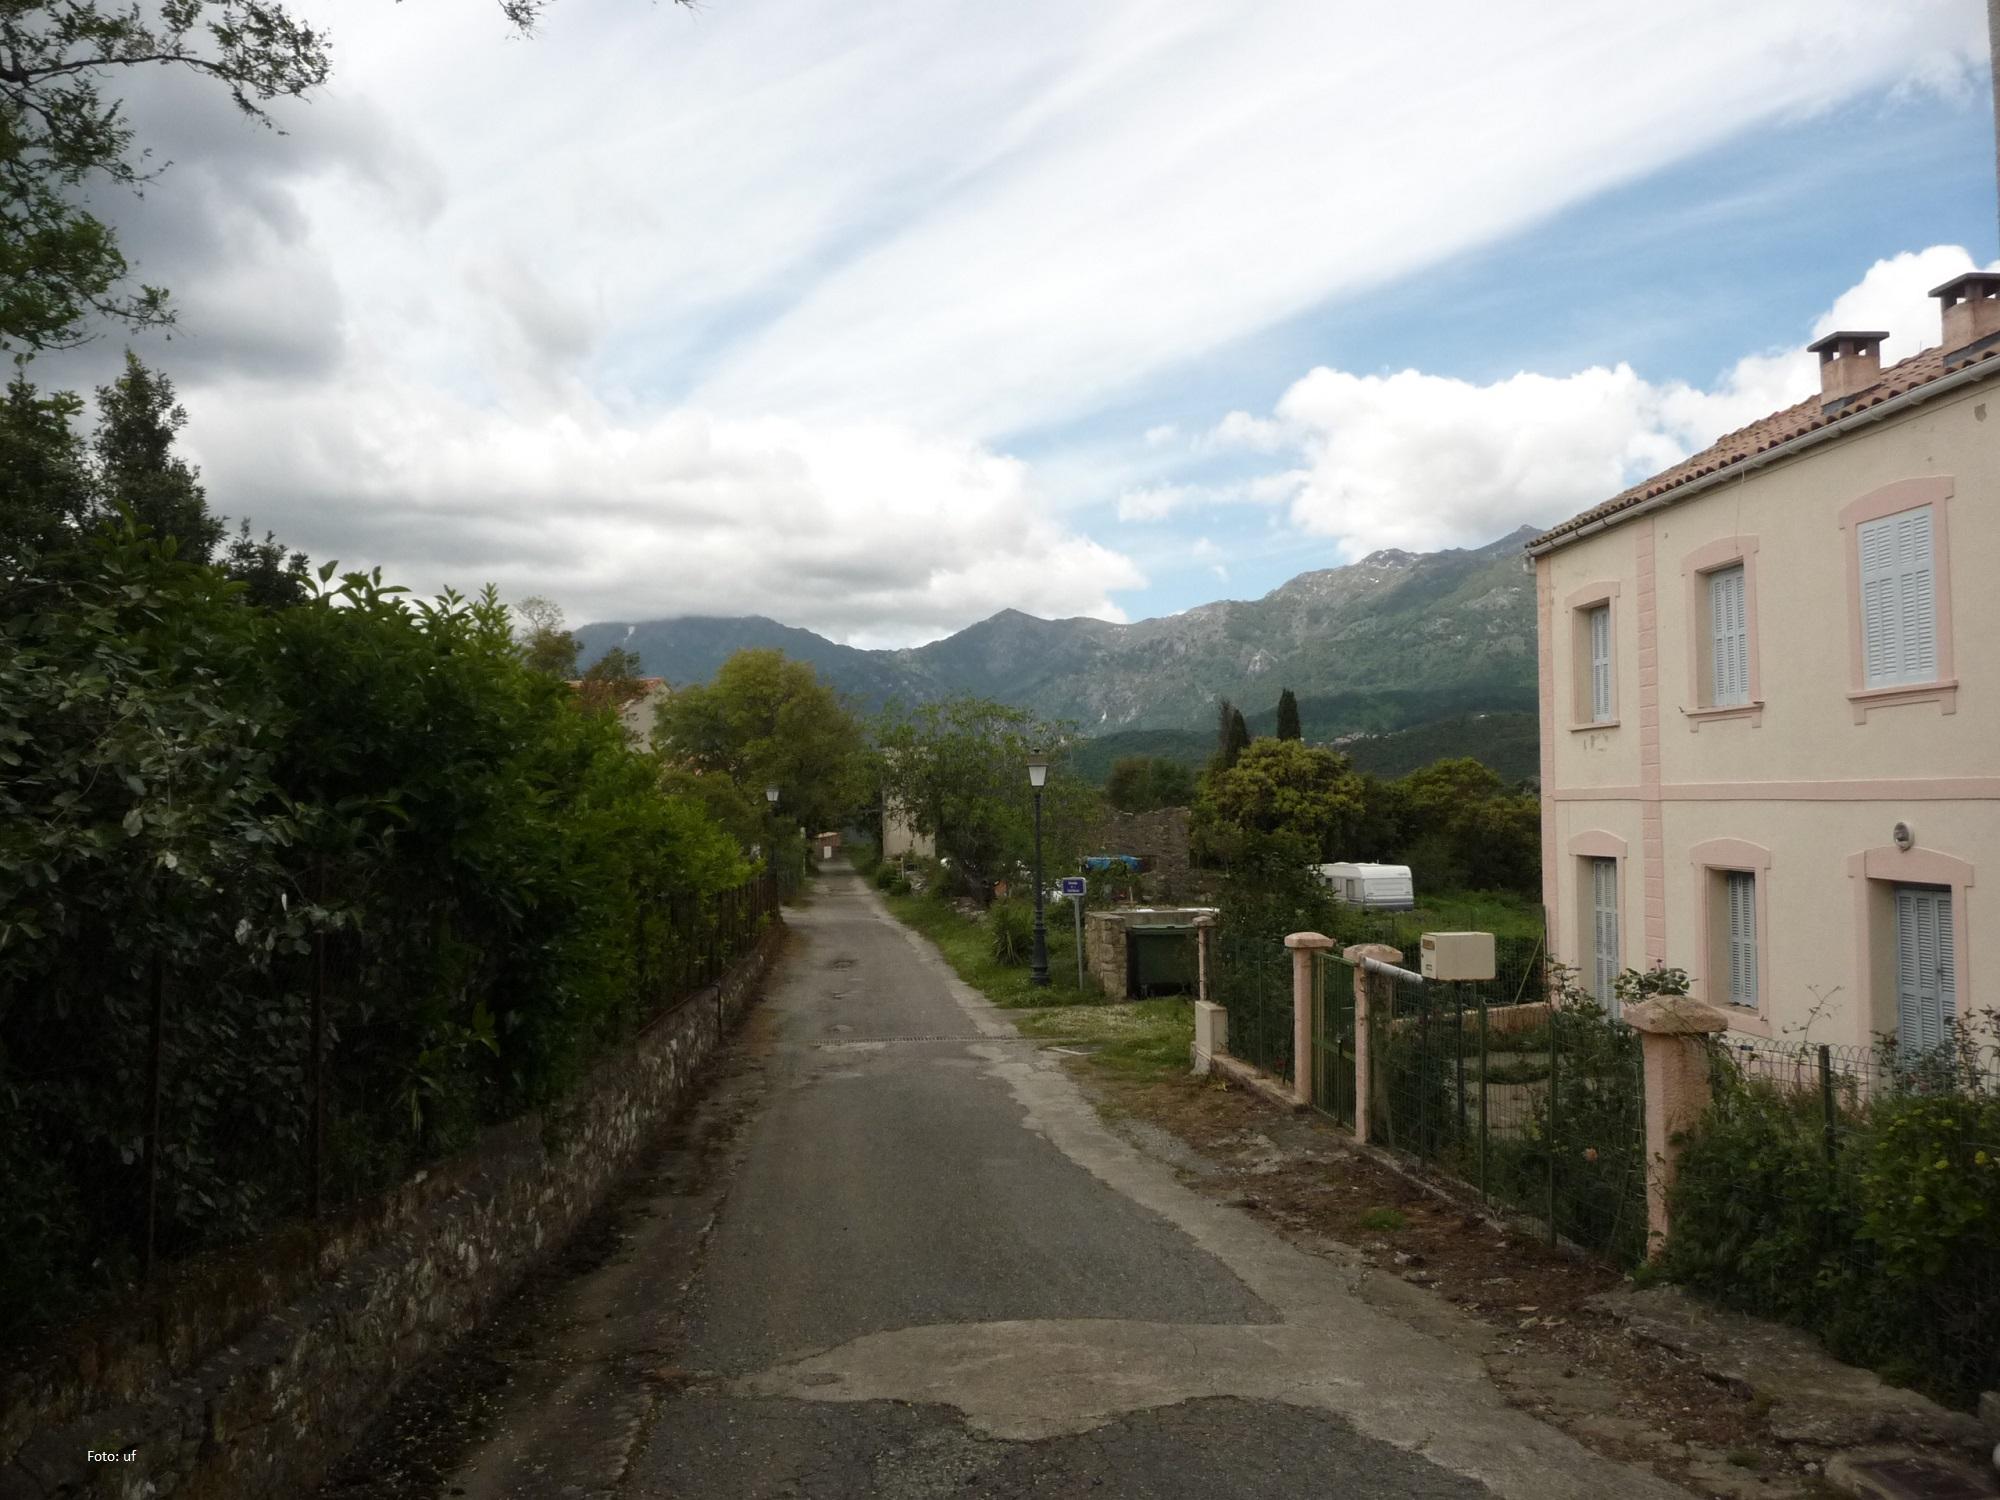 Schöne Aussichten Richtung Hochgebirge